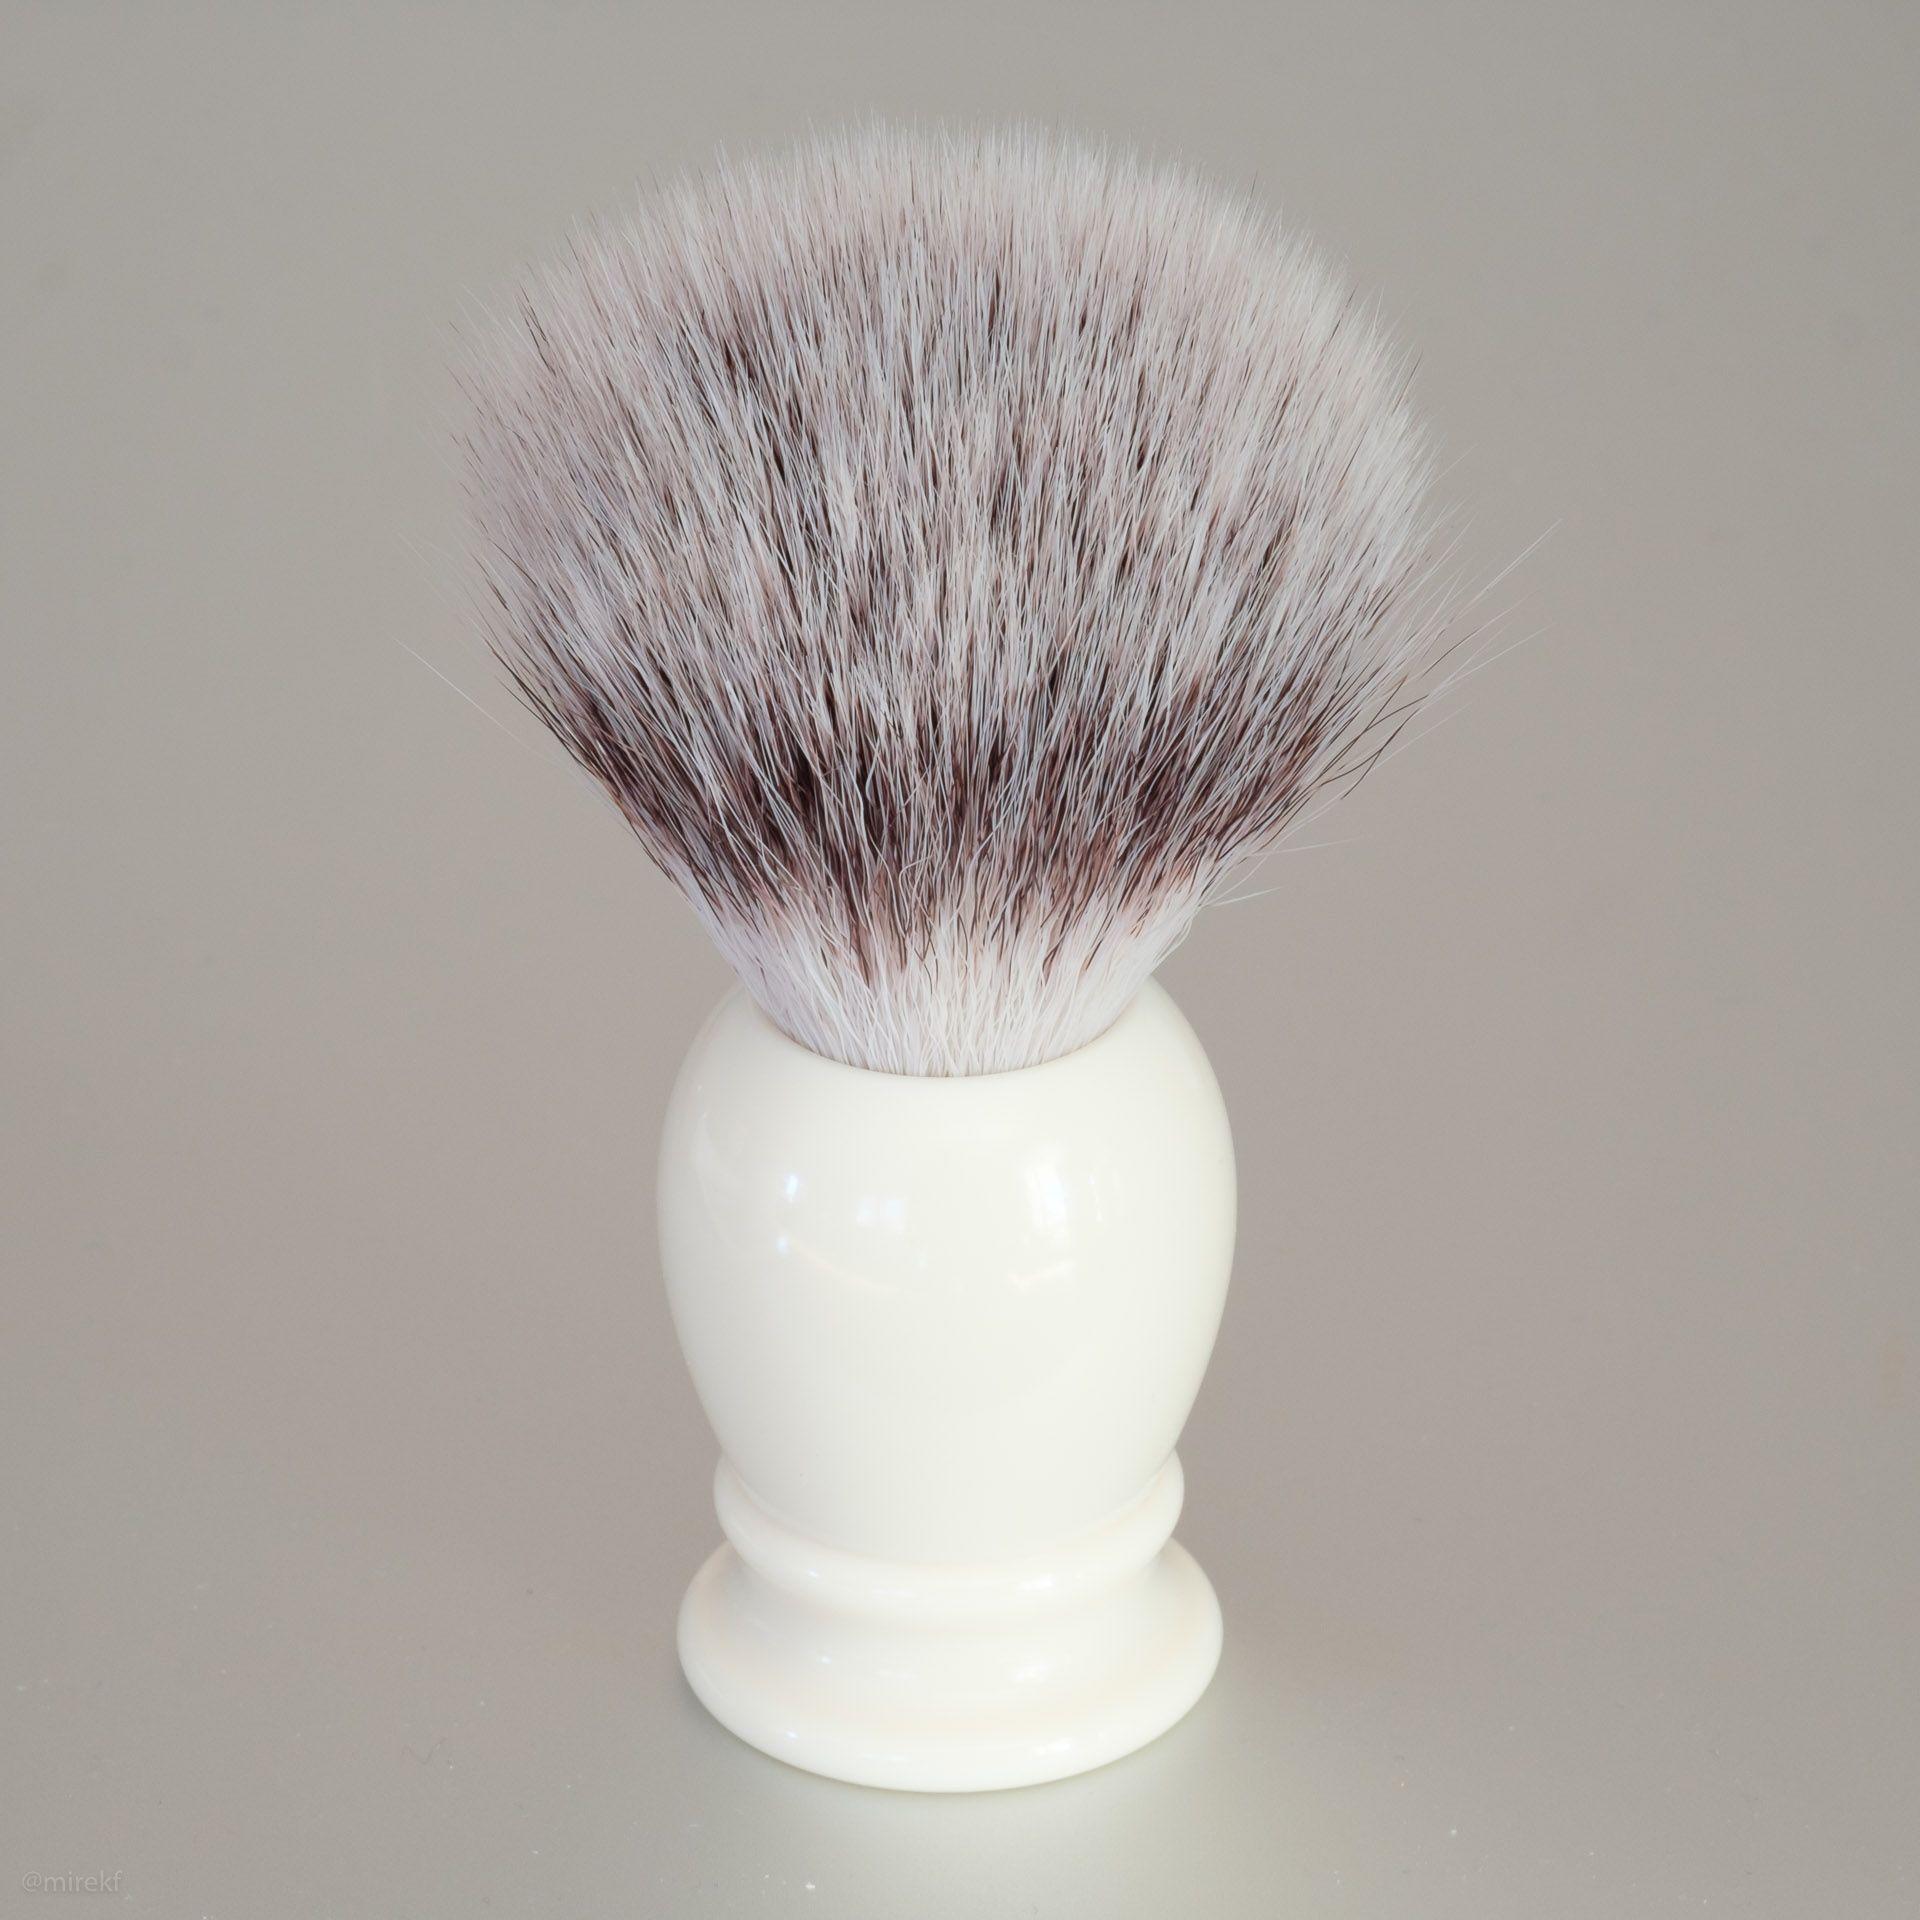 Syntetyczny pędzel do golenia Muhle Classic 33K257 Synthetic Silvertip Fibres, ivory